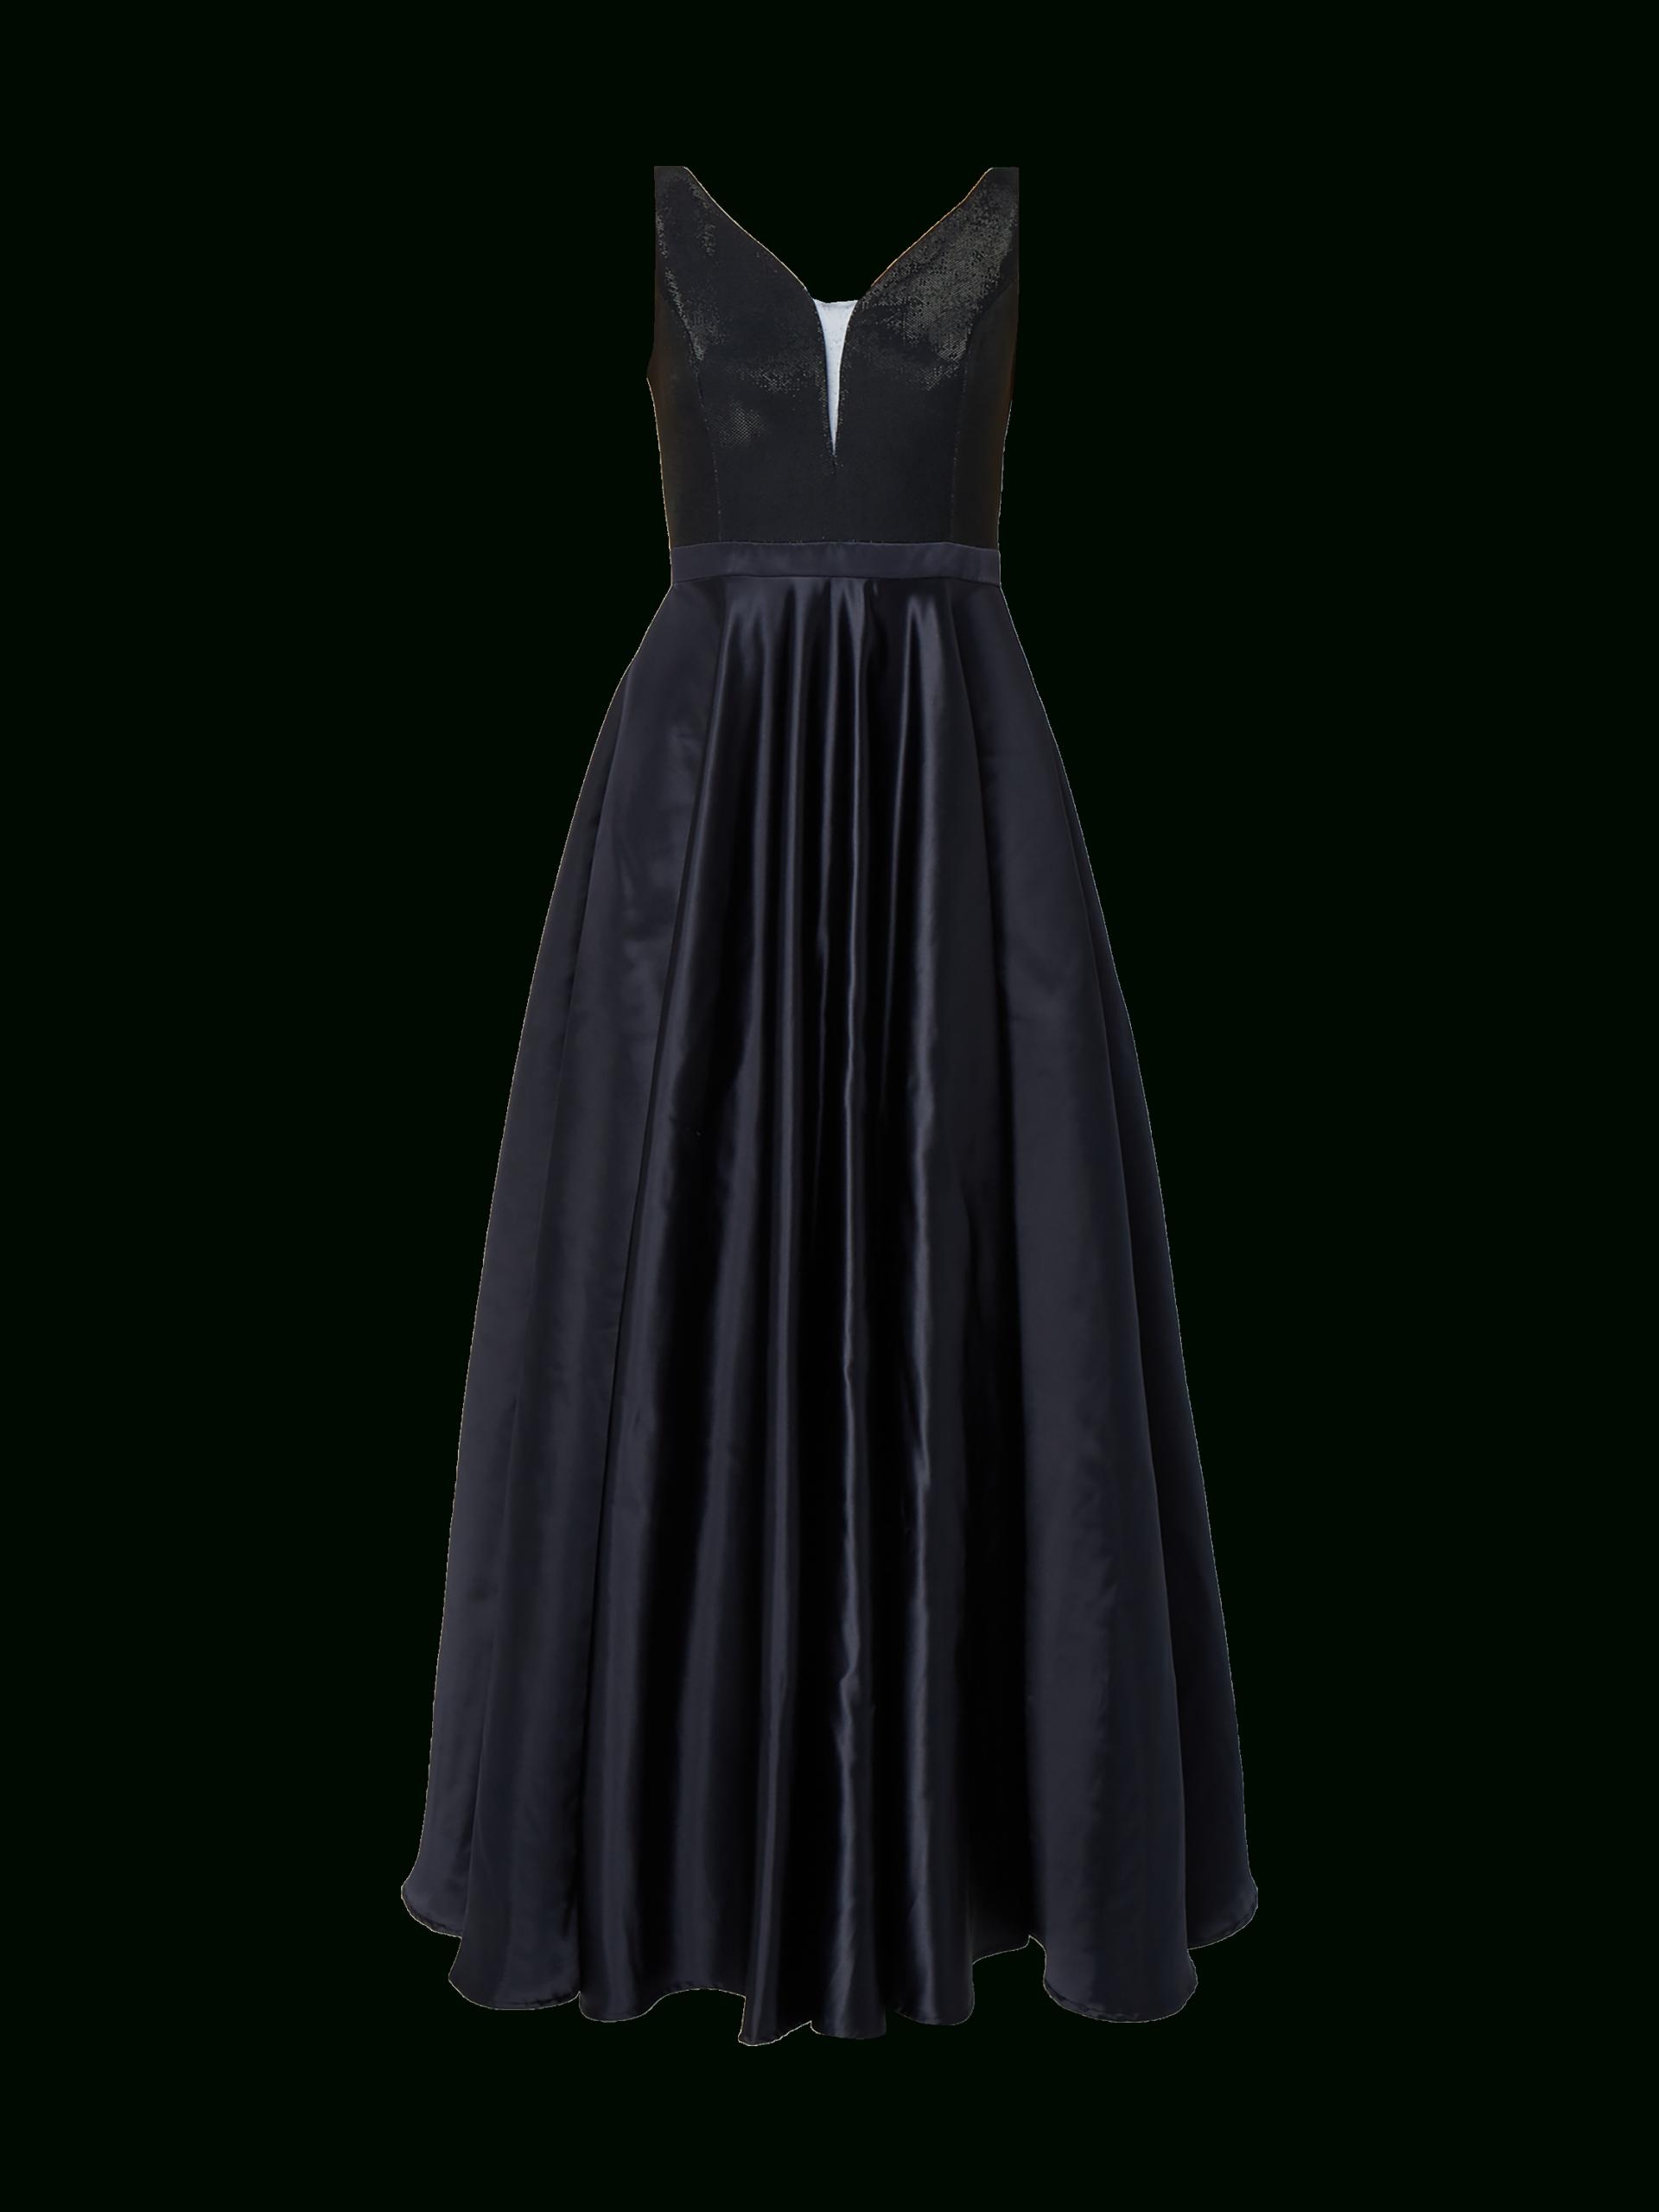 13 Schön P&C Abendkleid Dunkelblau für 201920 Genial P&C Abendkleid Dunkelblau Design